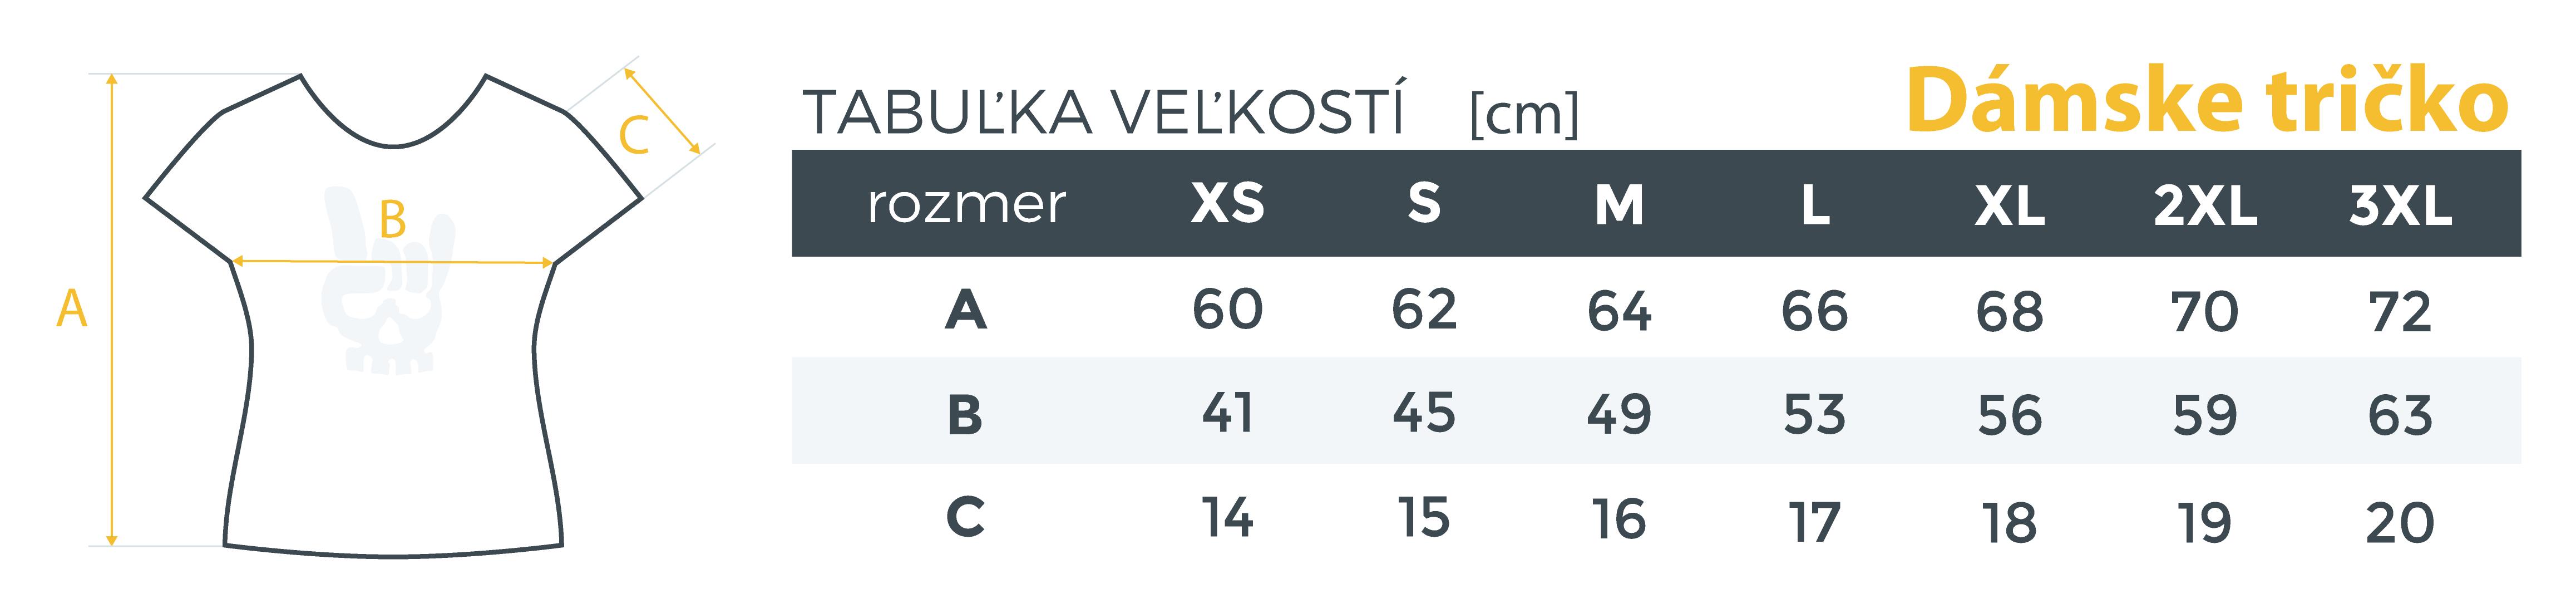 tabulka-velkosti-damske-tricko-motosopa-hbc-app